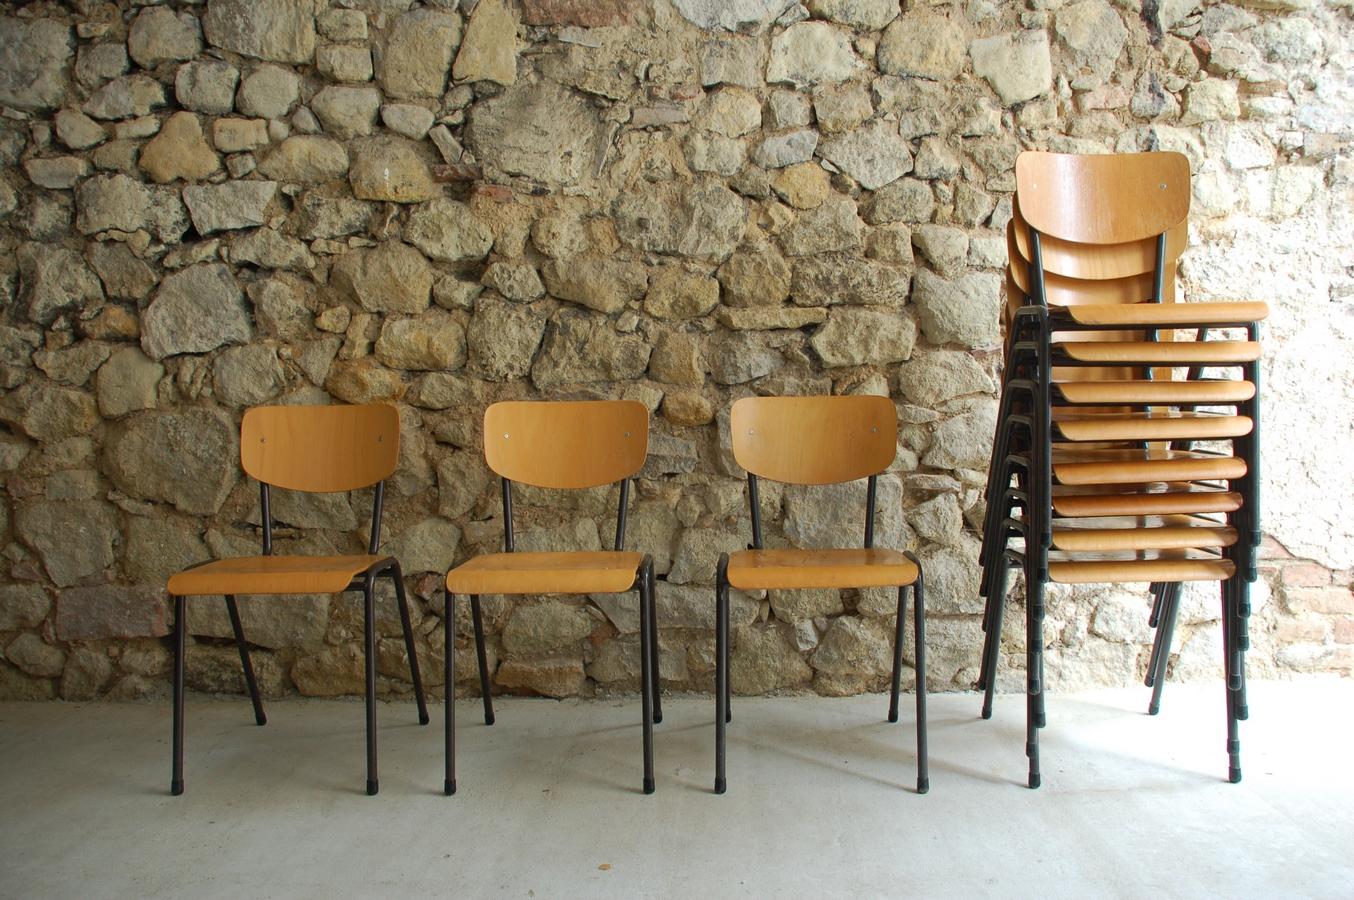 Vintage Industral Holz Gebraucht Design Stühle Gastro Metall Zwkpioxlut